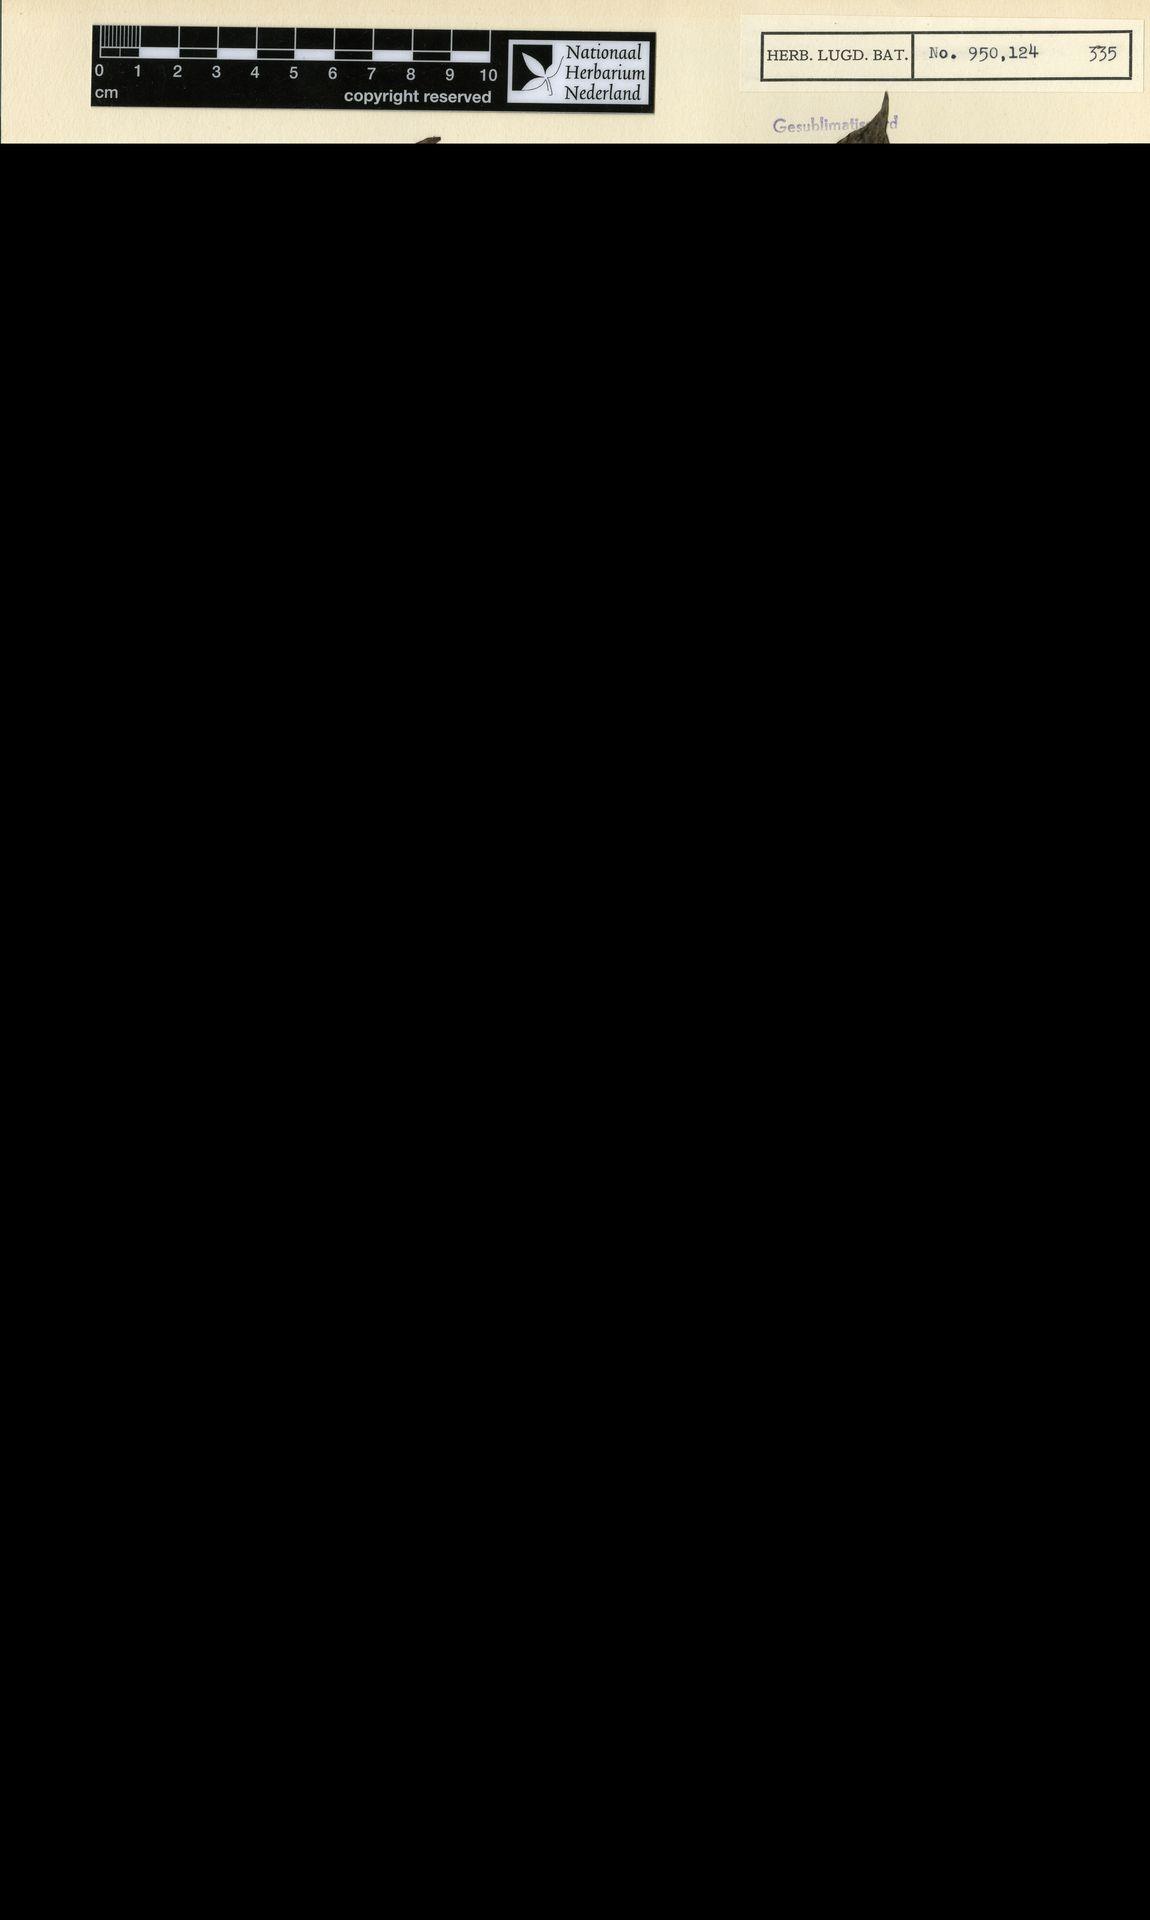 L  0537714   Gaertnera sralensis (Pierre ex Pit.) Kerr